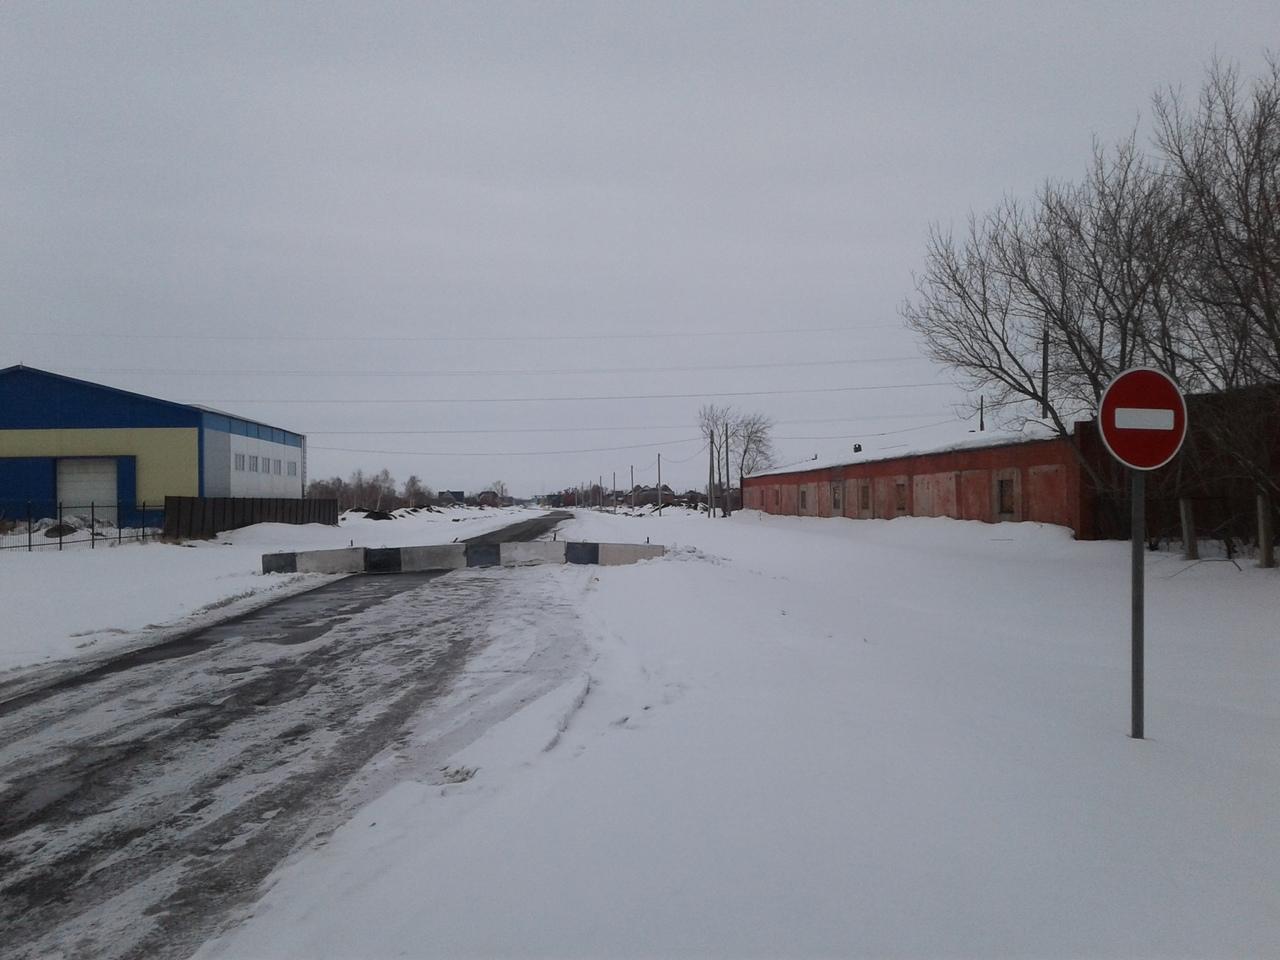 В Омской области построили дорогу за 70 миллионов и перегородили ее блоками #Омск #Общество #Сегодня